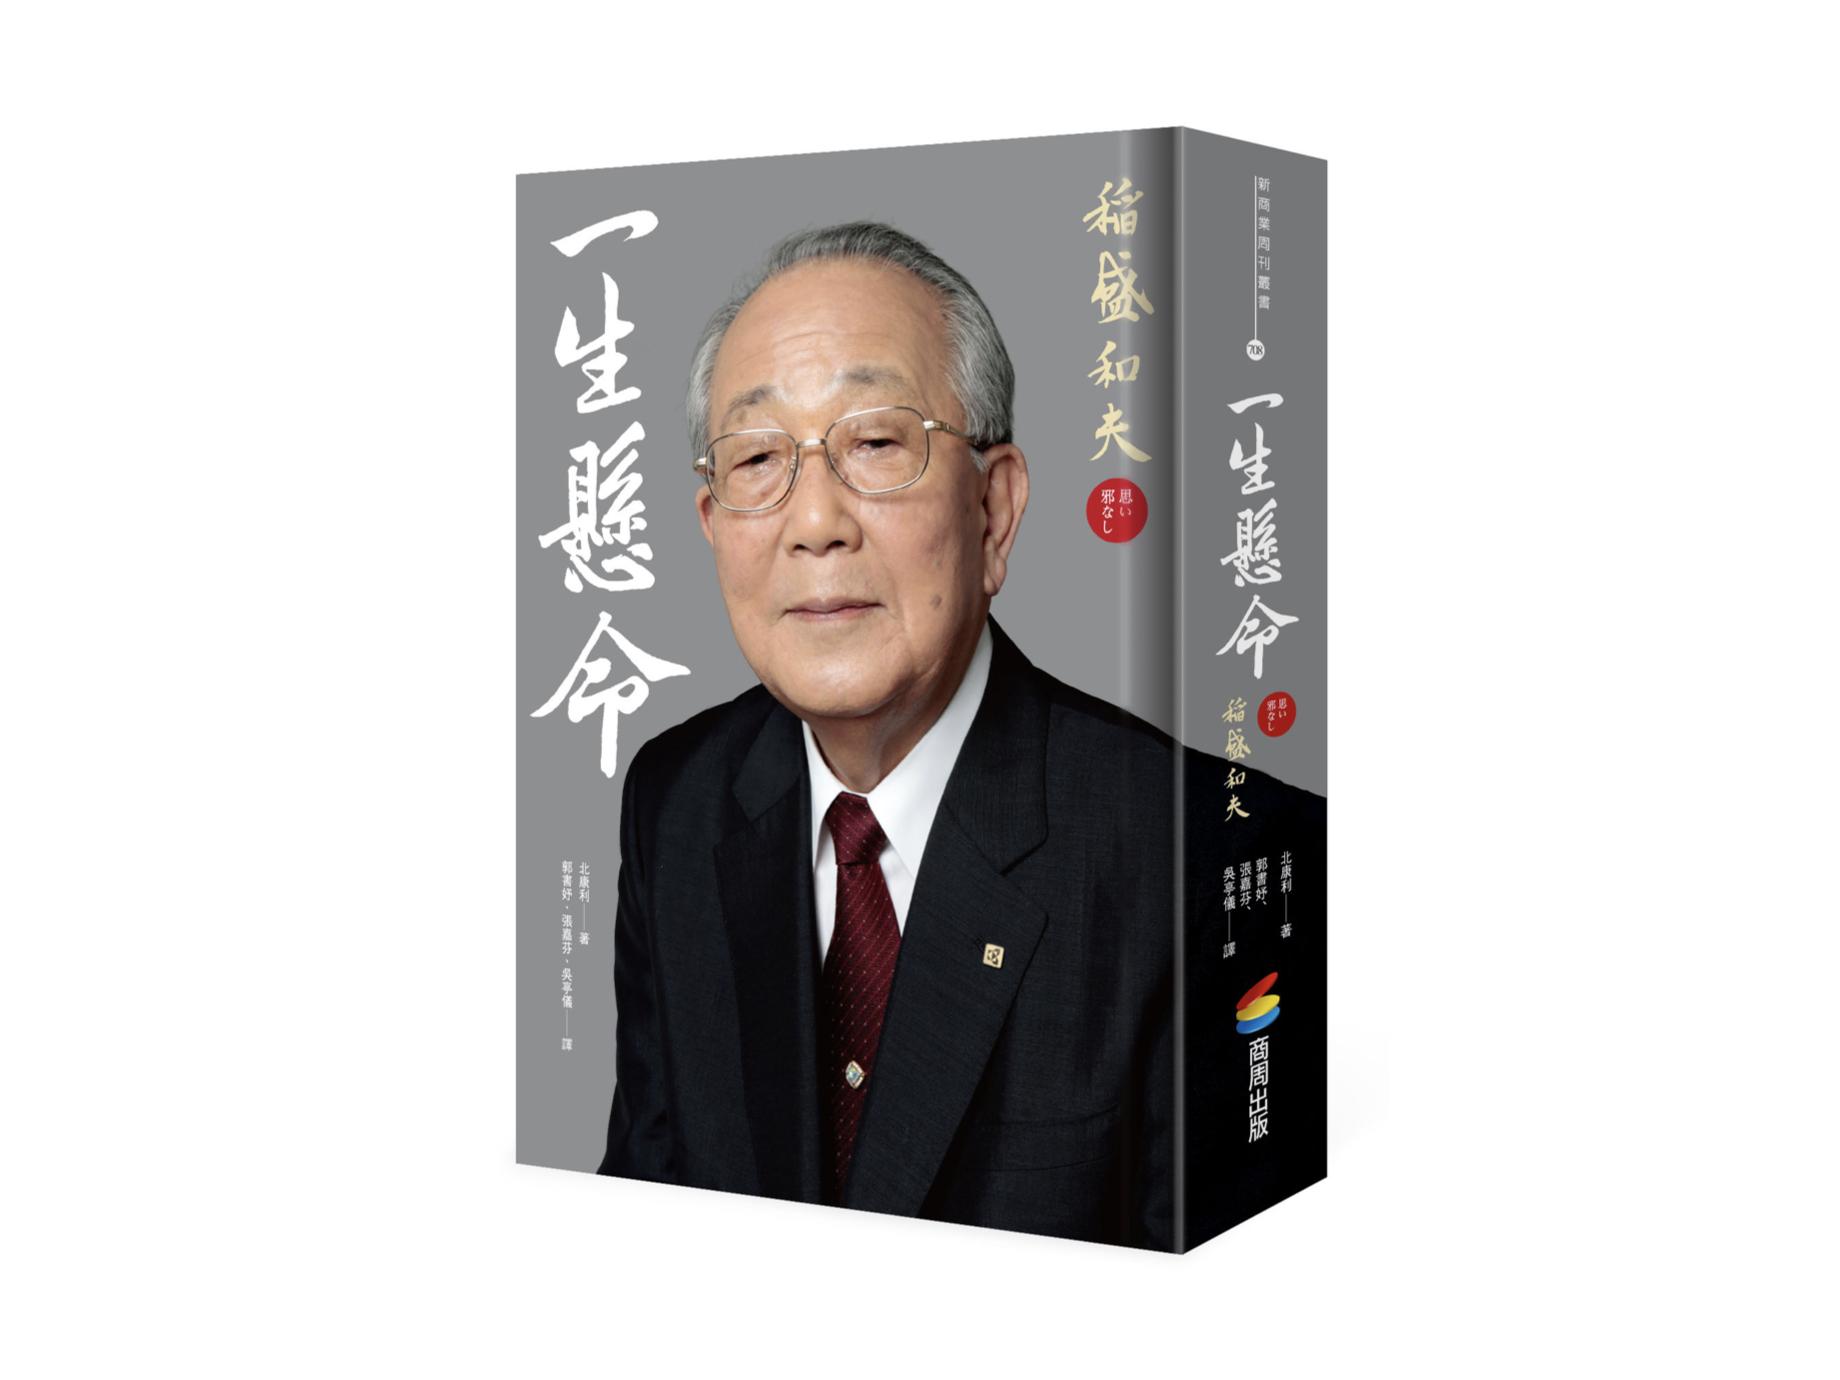 新書搶先看》 日本「經營之聖」稻盛和夫,人才任用與培育